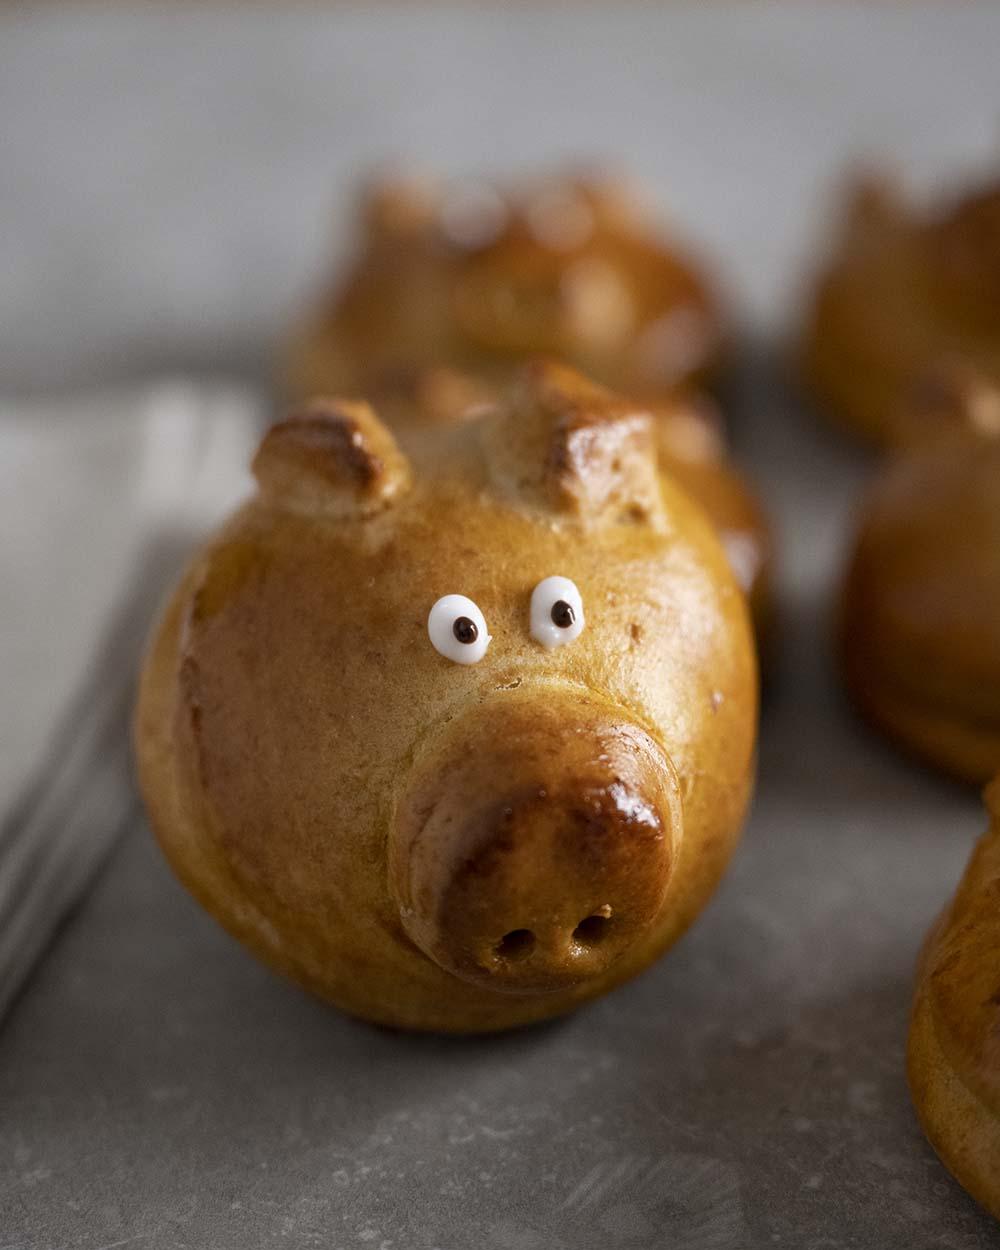 Ein fertig gebackeners Glücksschweinchen aus Hefeteig in der Nahaufnahme